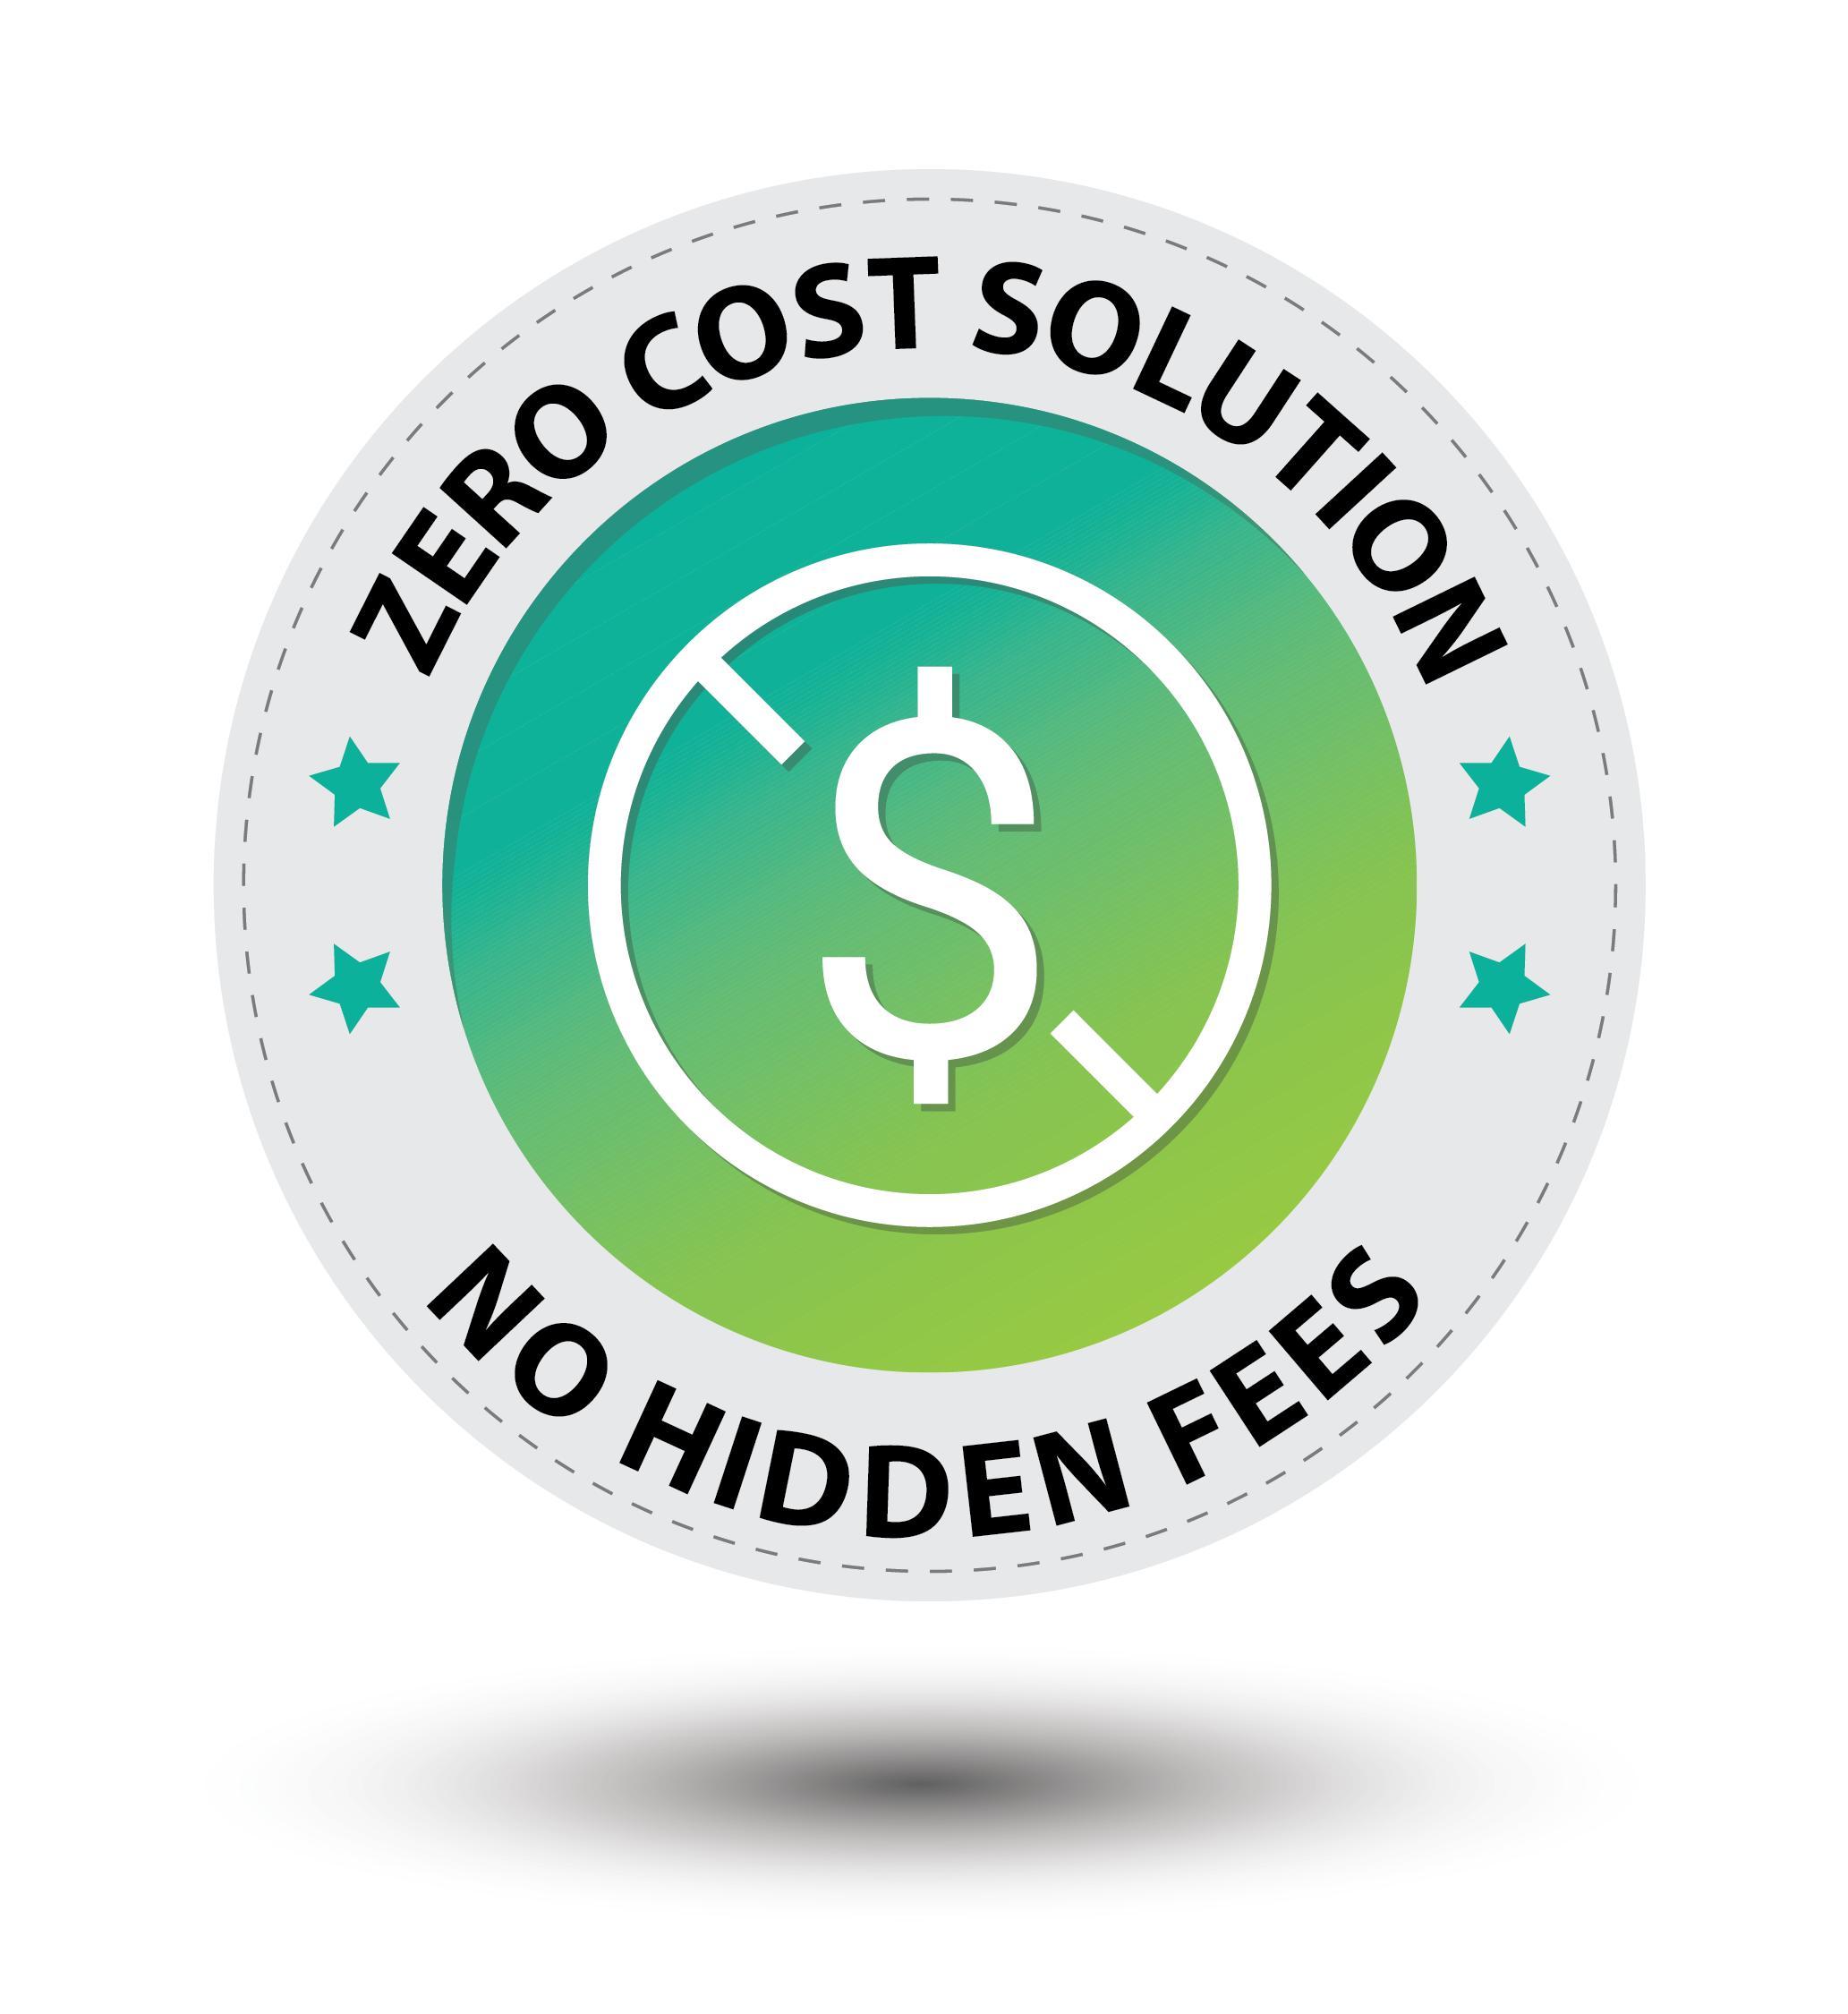 ZERO COST SOLUTION-02